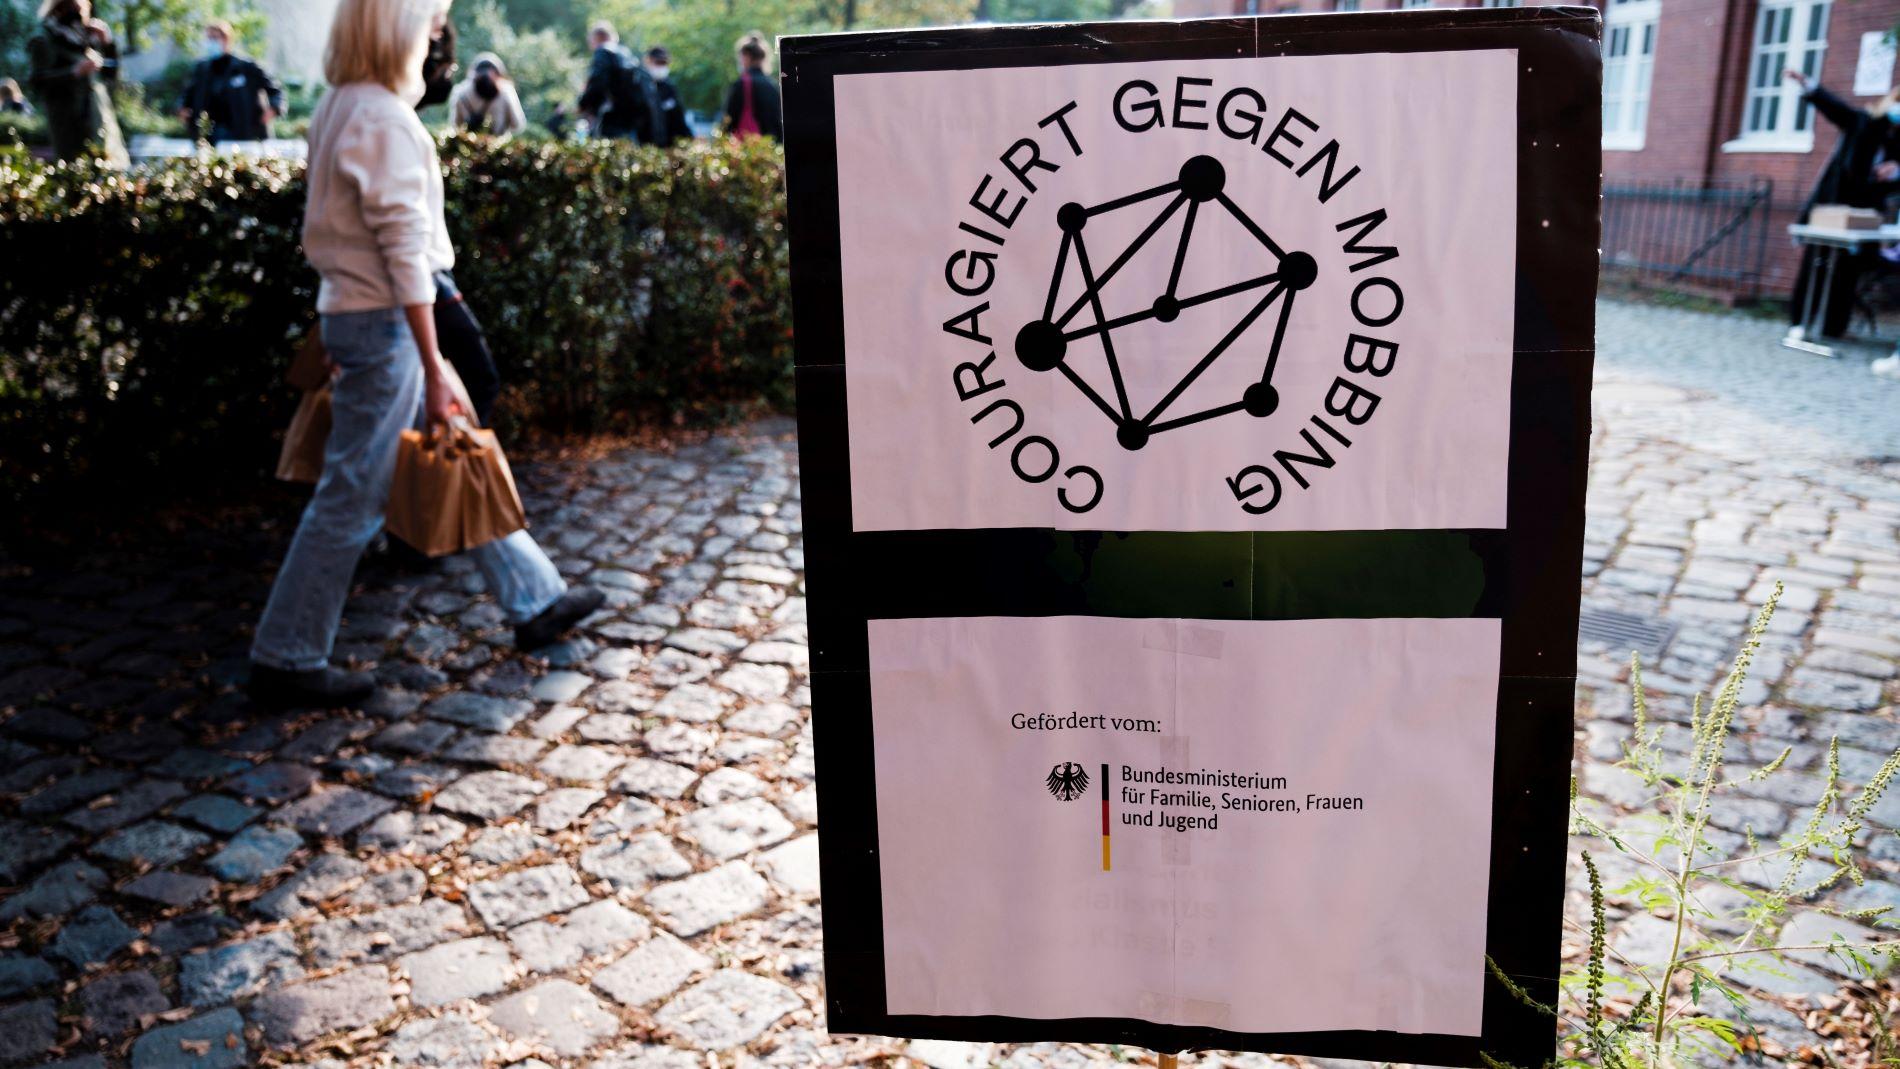 Foto eines Aufstellers mit dem Logo des Modellprojekts Couragiert gegen Mobbing